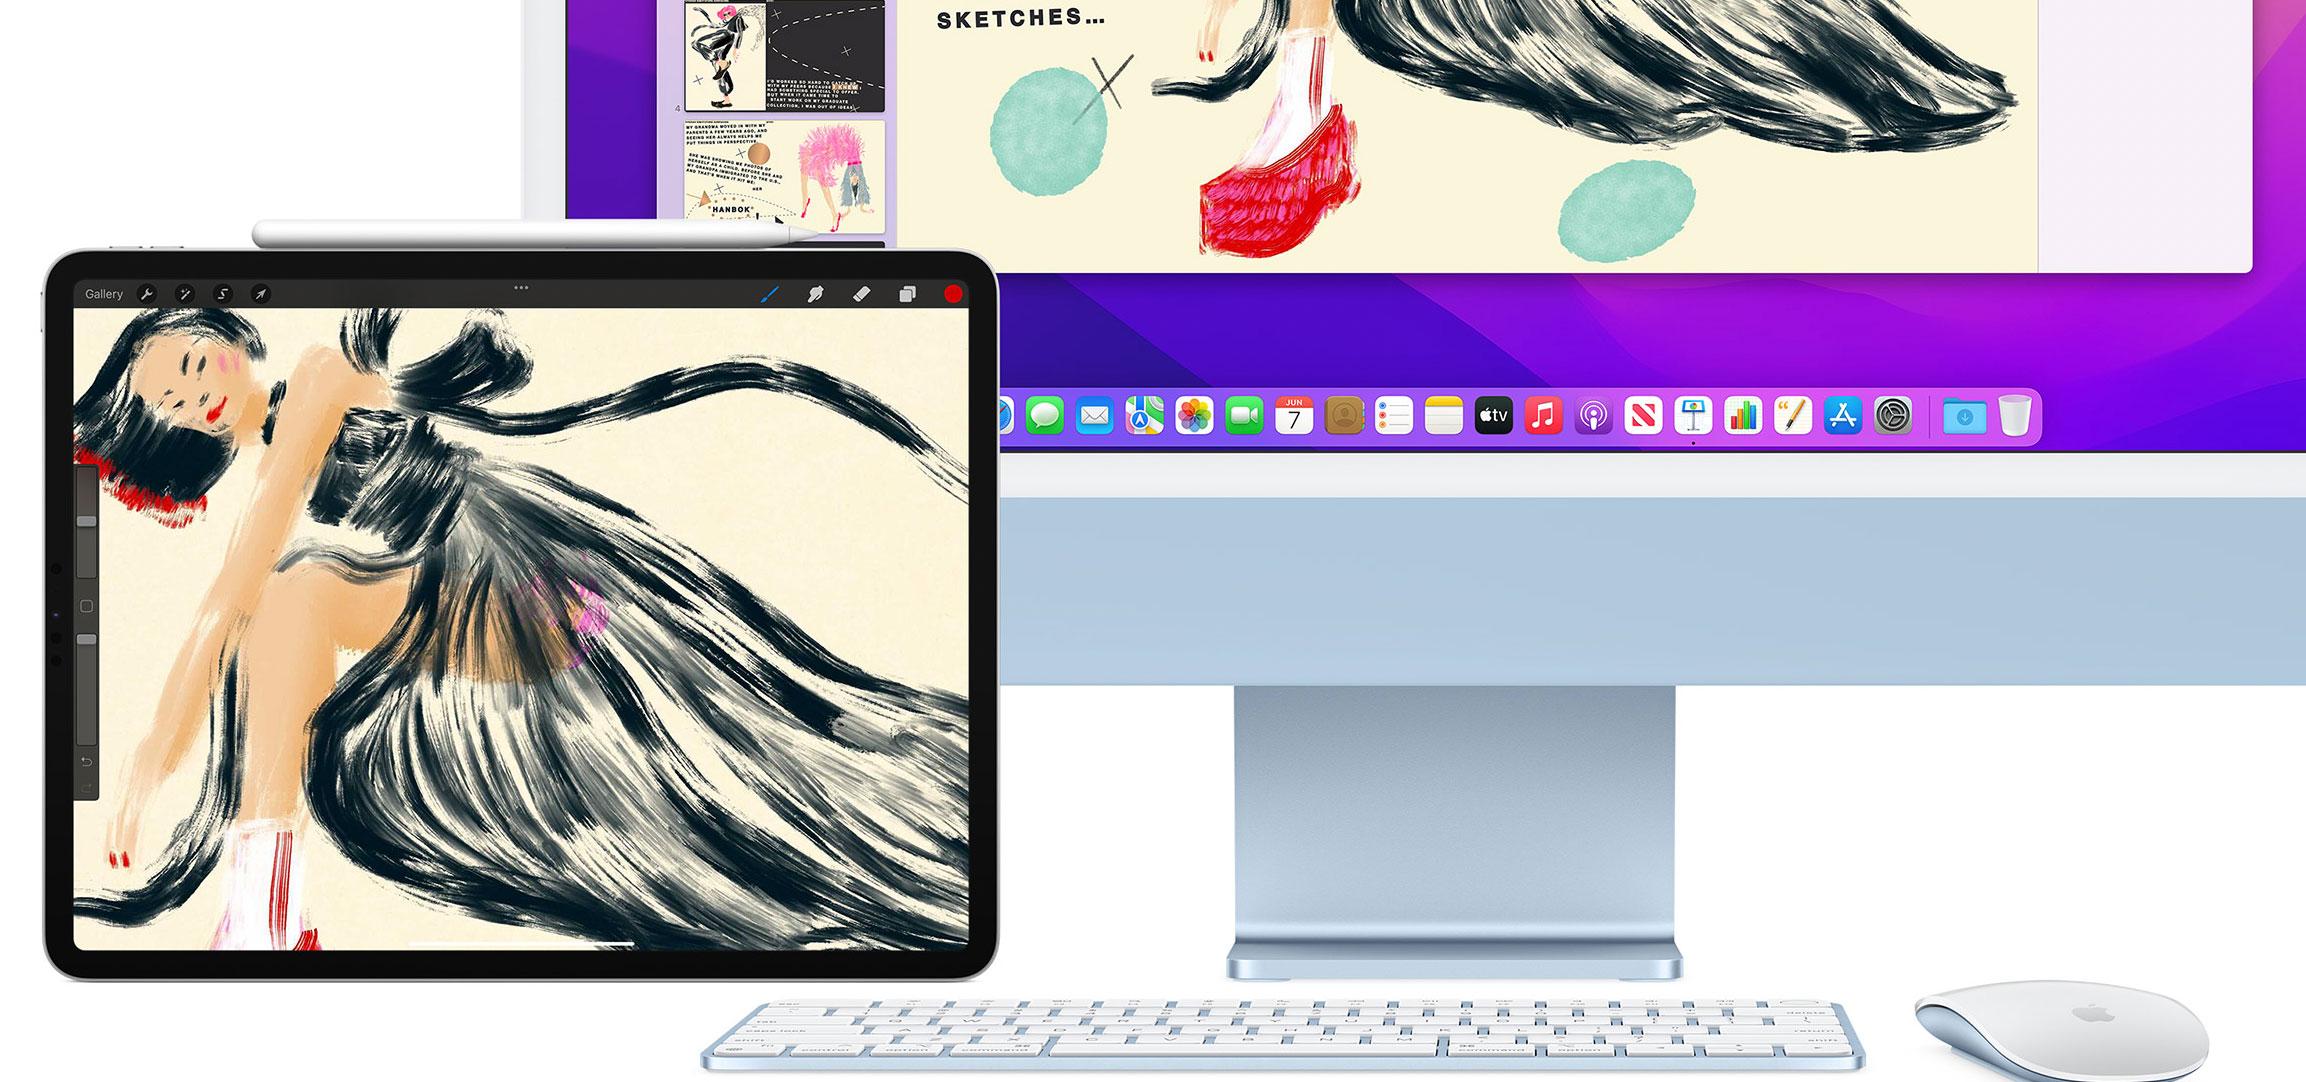 Control Universal entre un iPad y un iMac